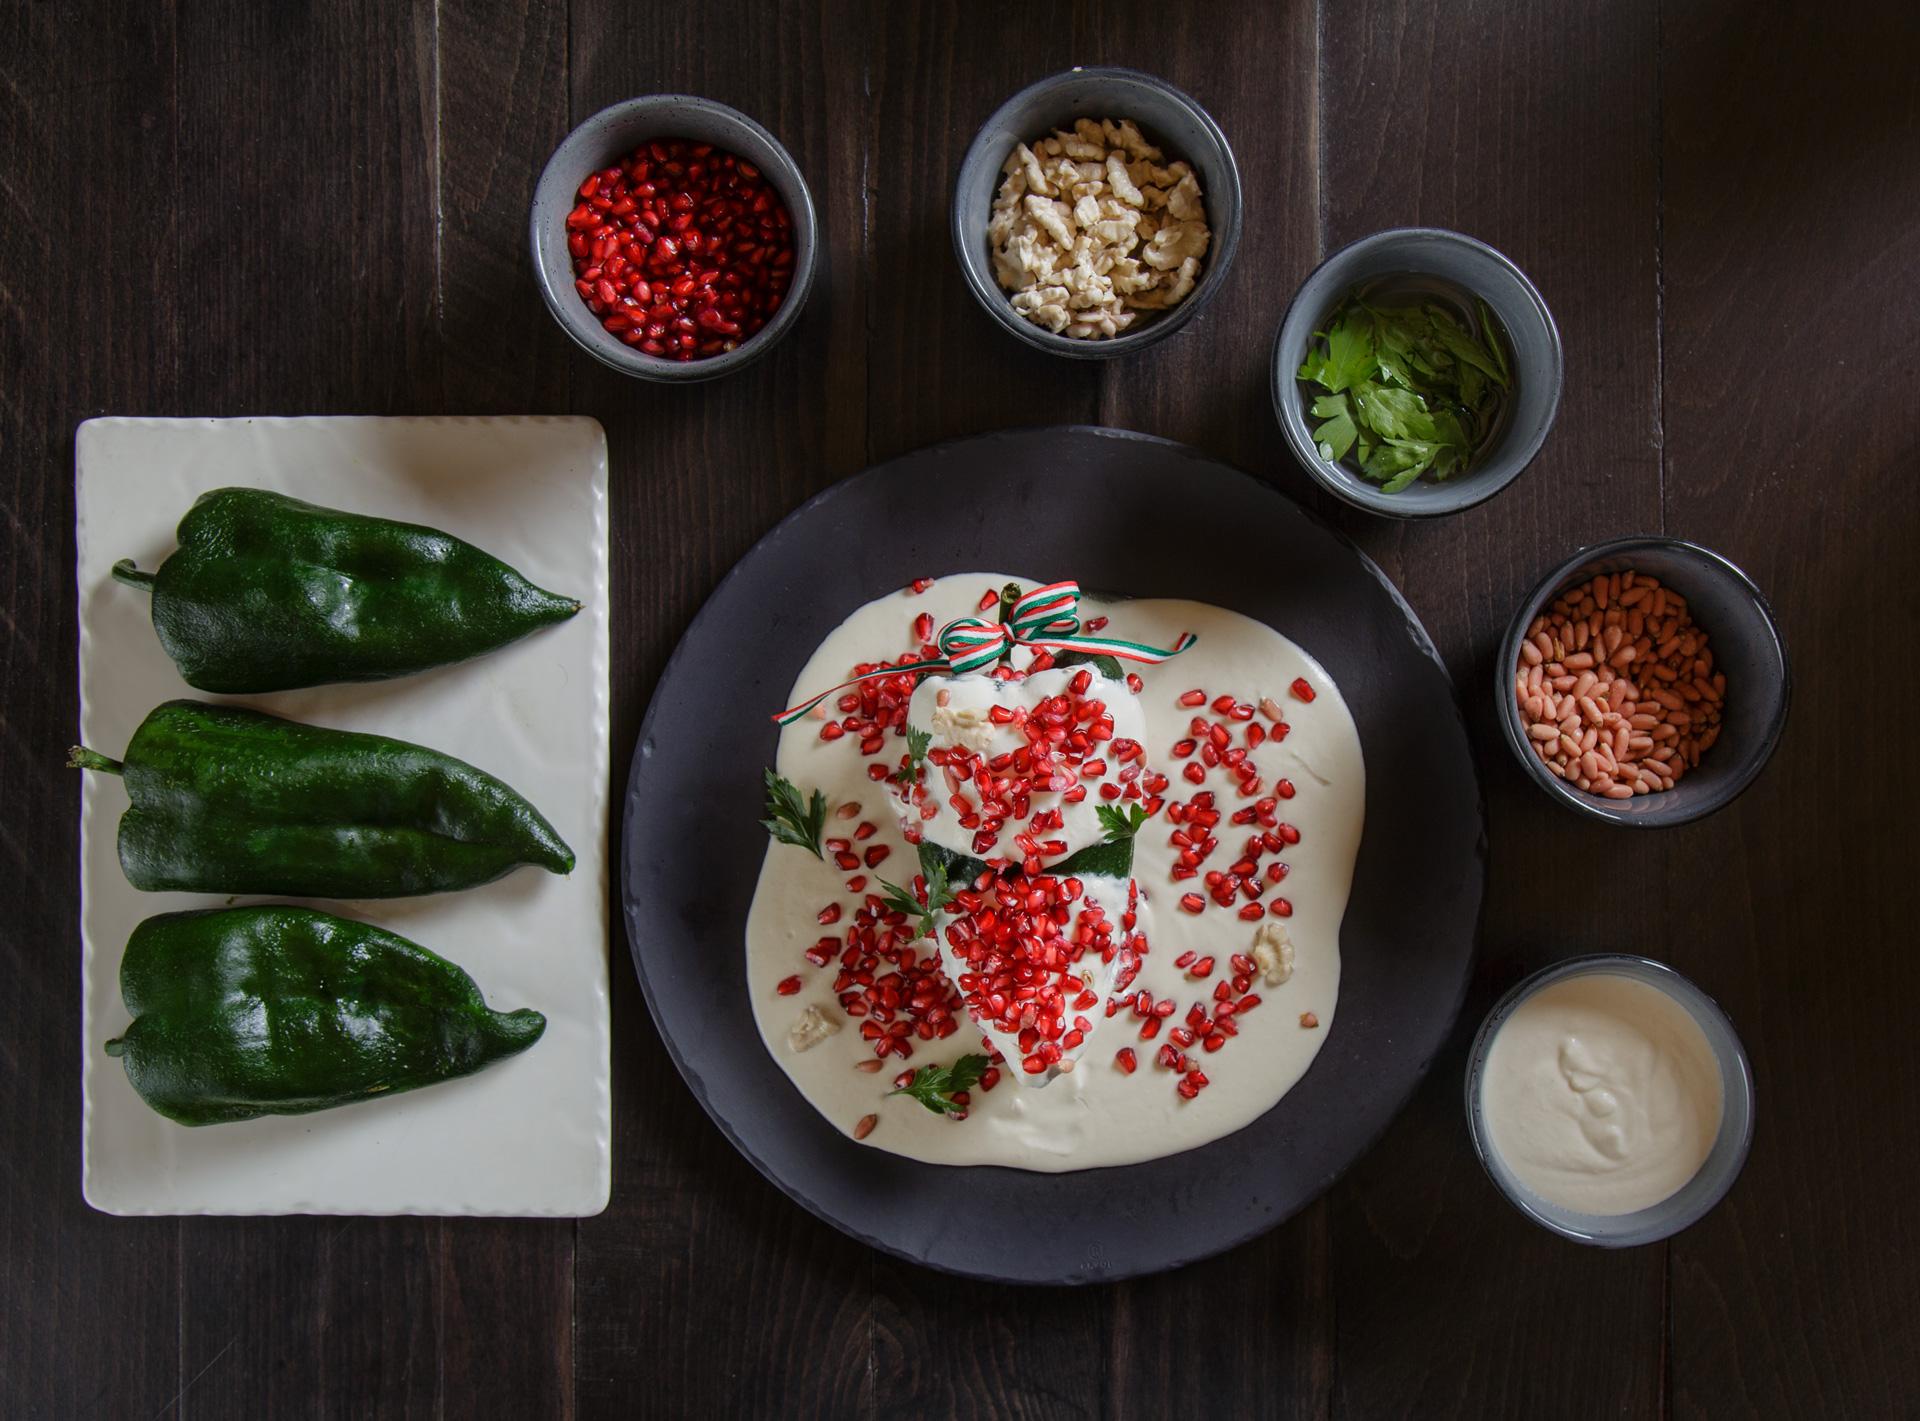 Platillo cocinado por el chef Pepe Salinas